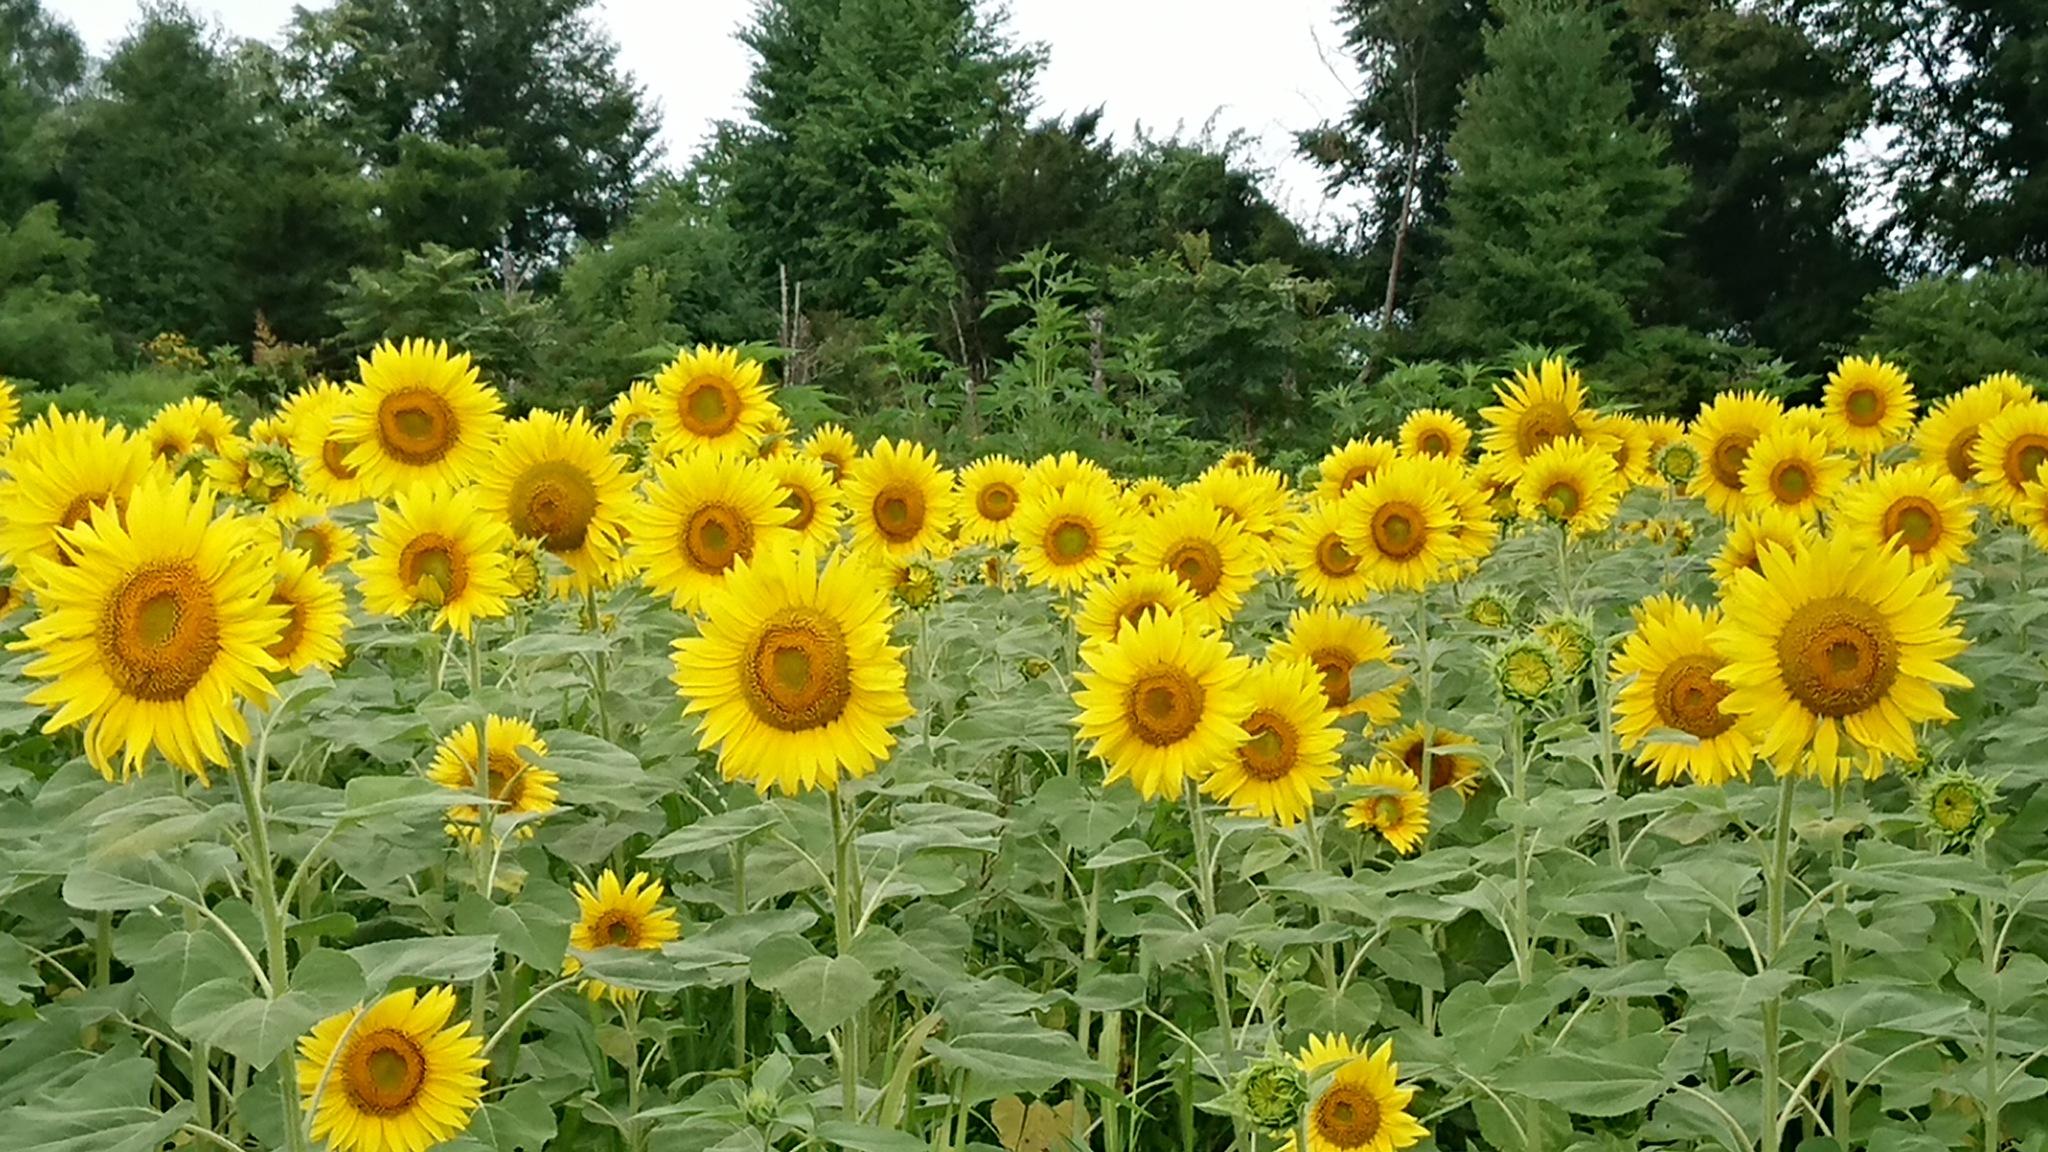 Sunflower by Ellie Matsunami